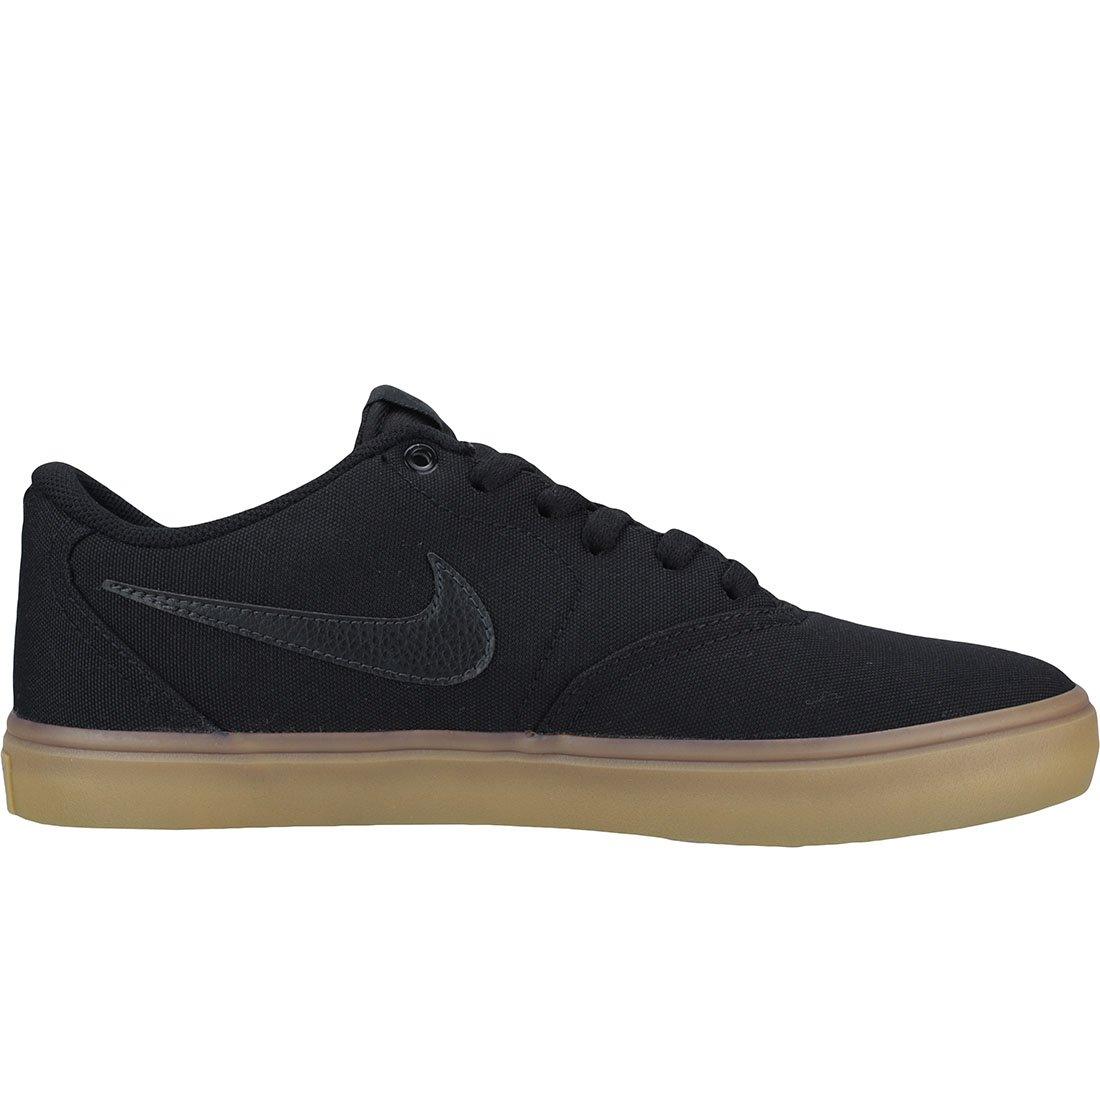 Nike SB Check Solar Cnvs, Zapatillas para Hombre